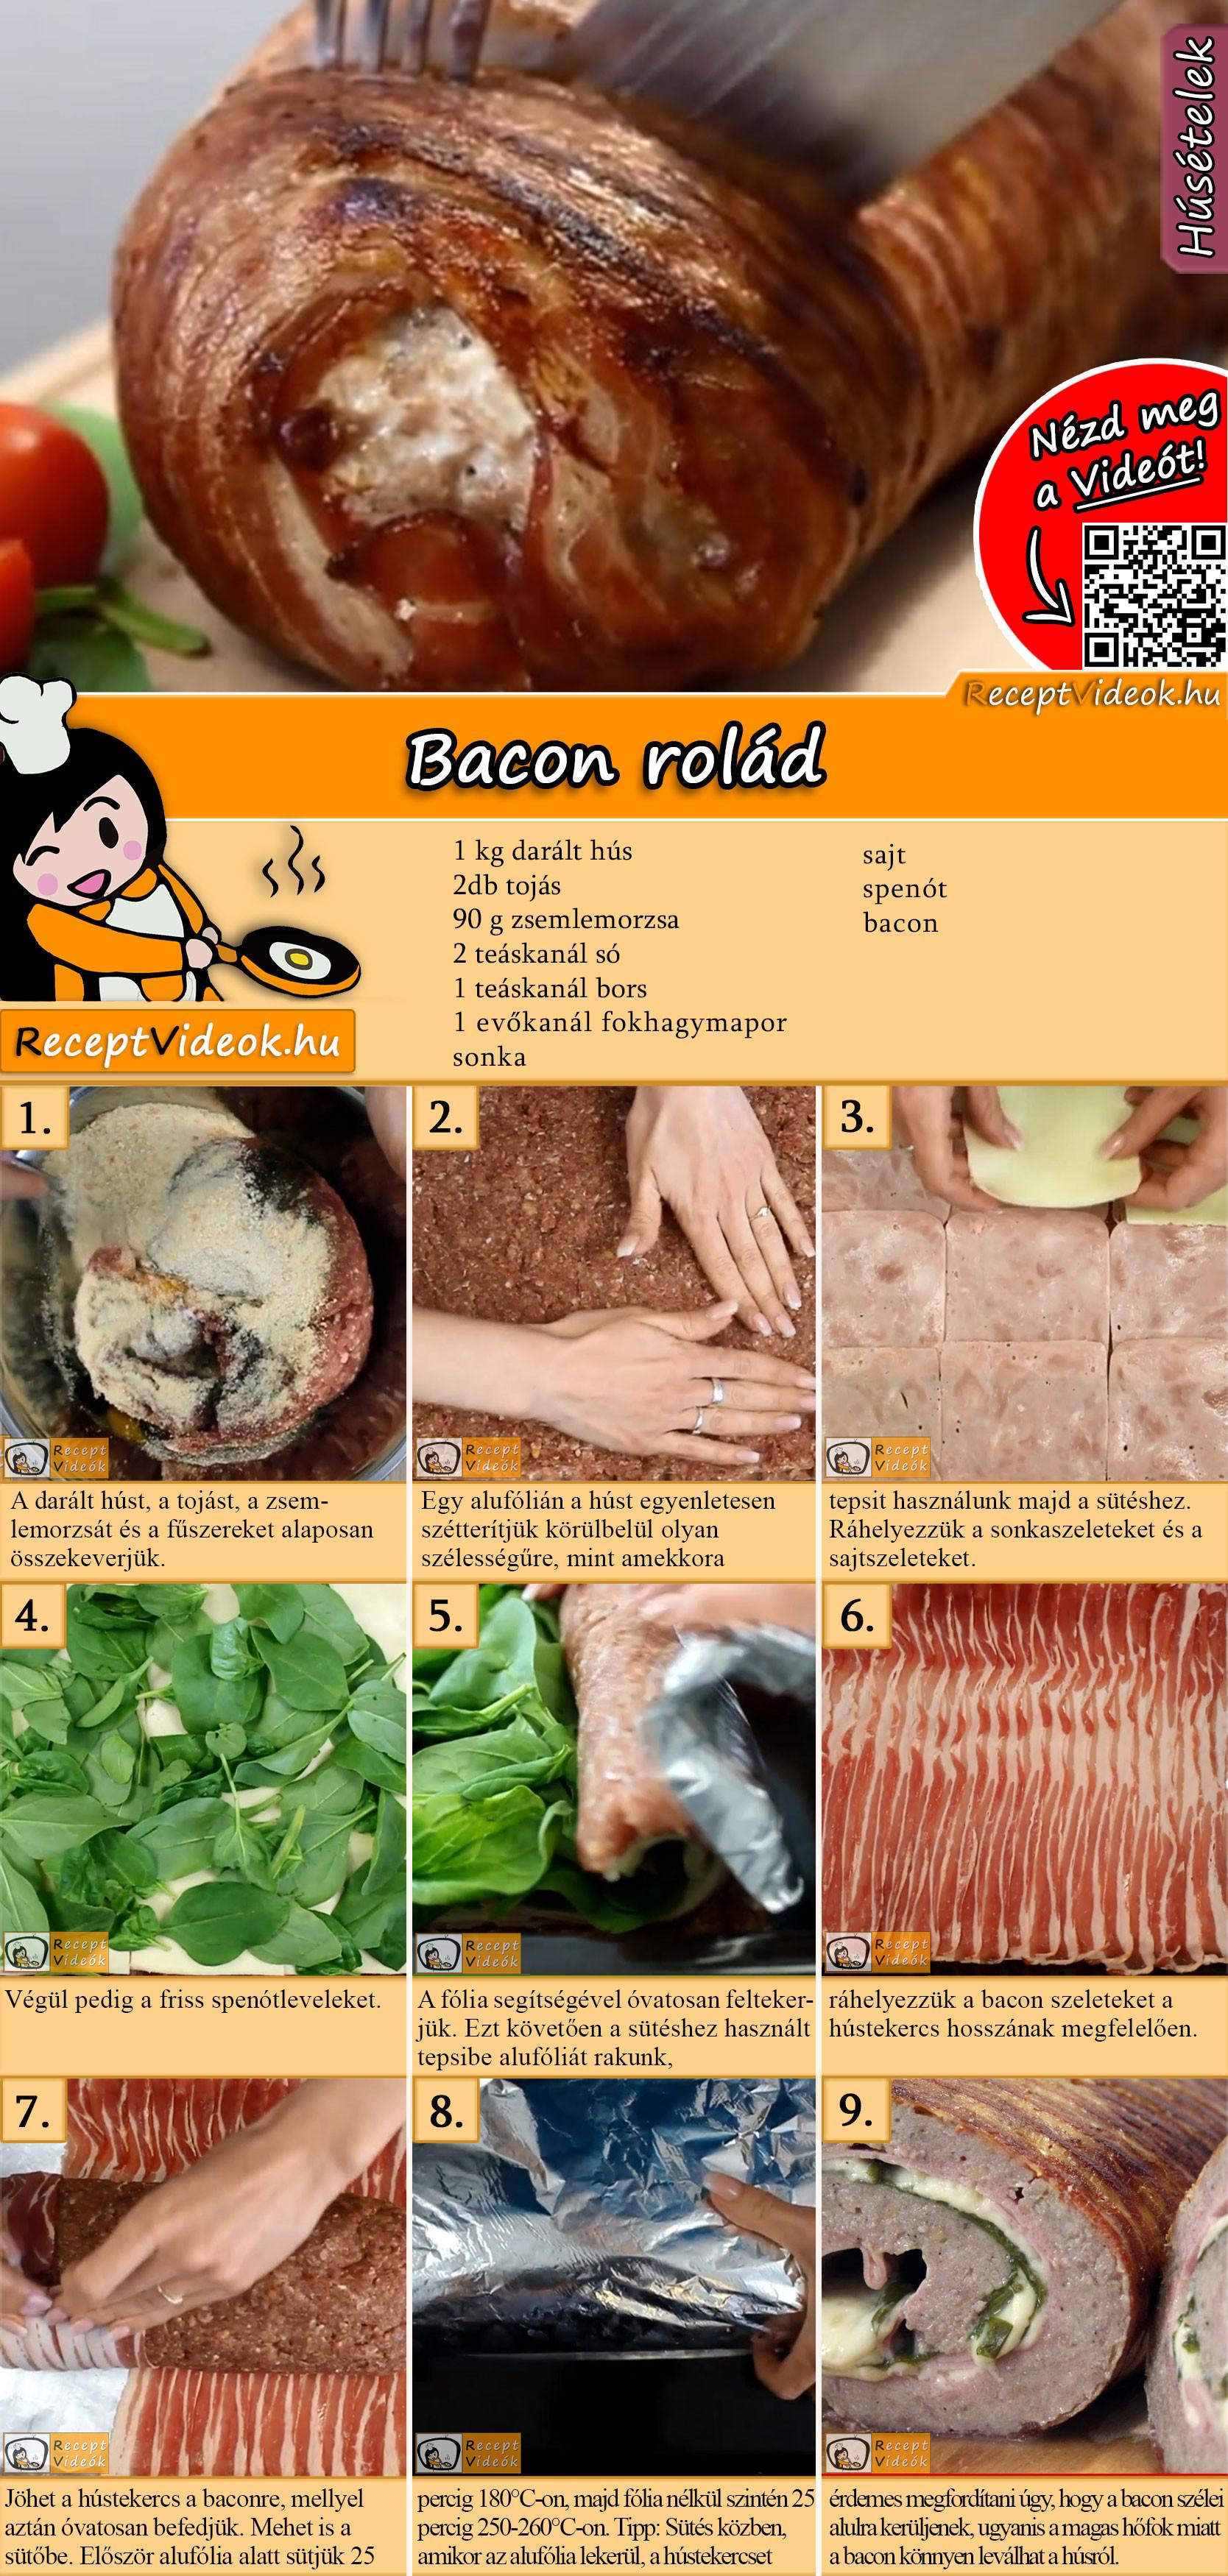 Bacon rolád recept elkészítése videóval